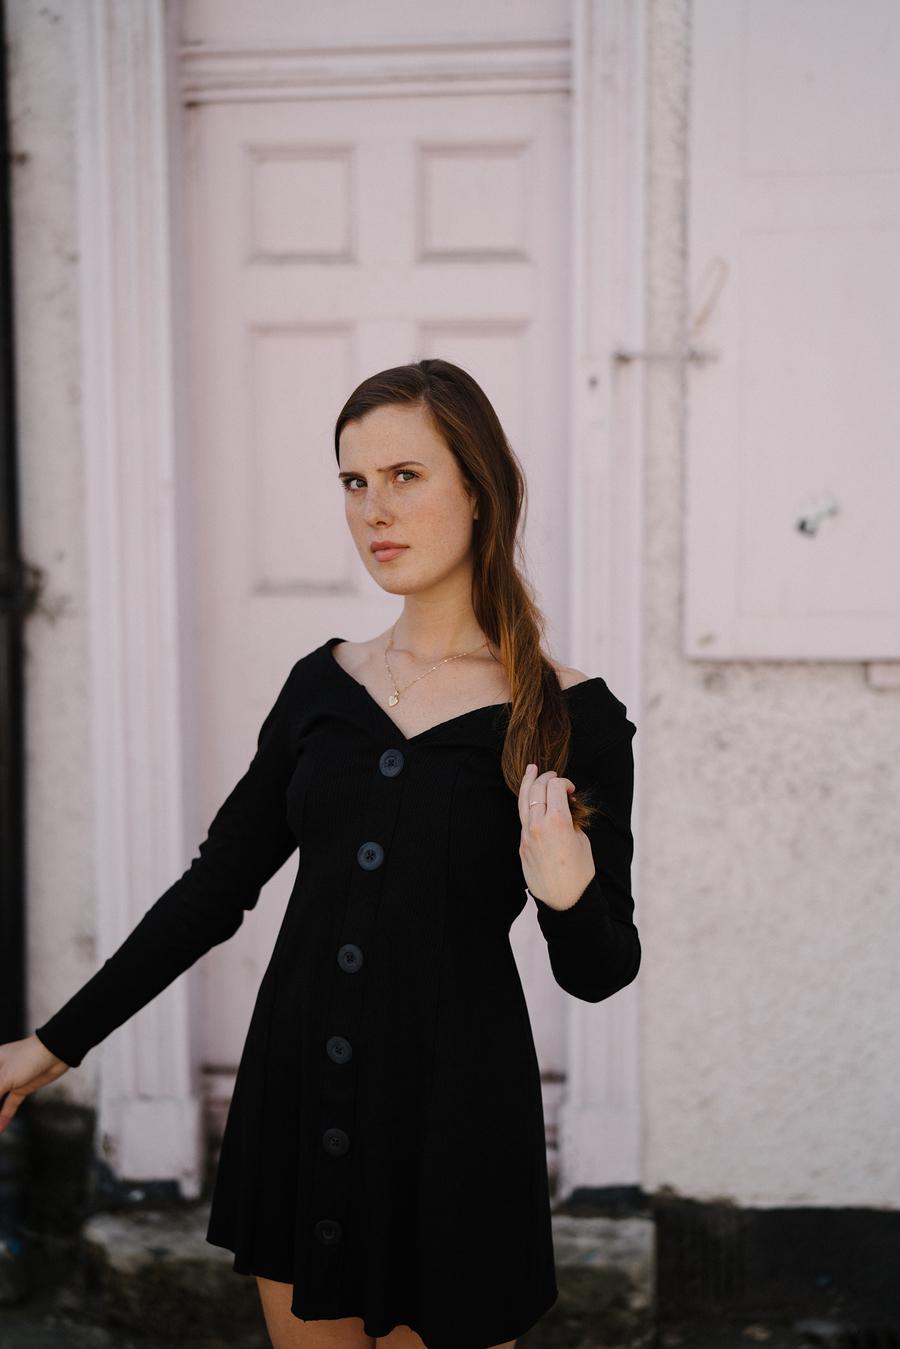 Model Patrycja / Uploaded 26th June 2020 @ 10:53 PM